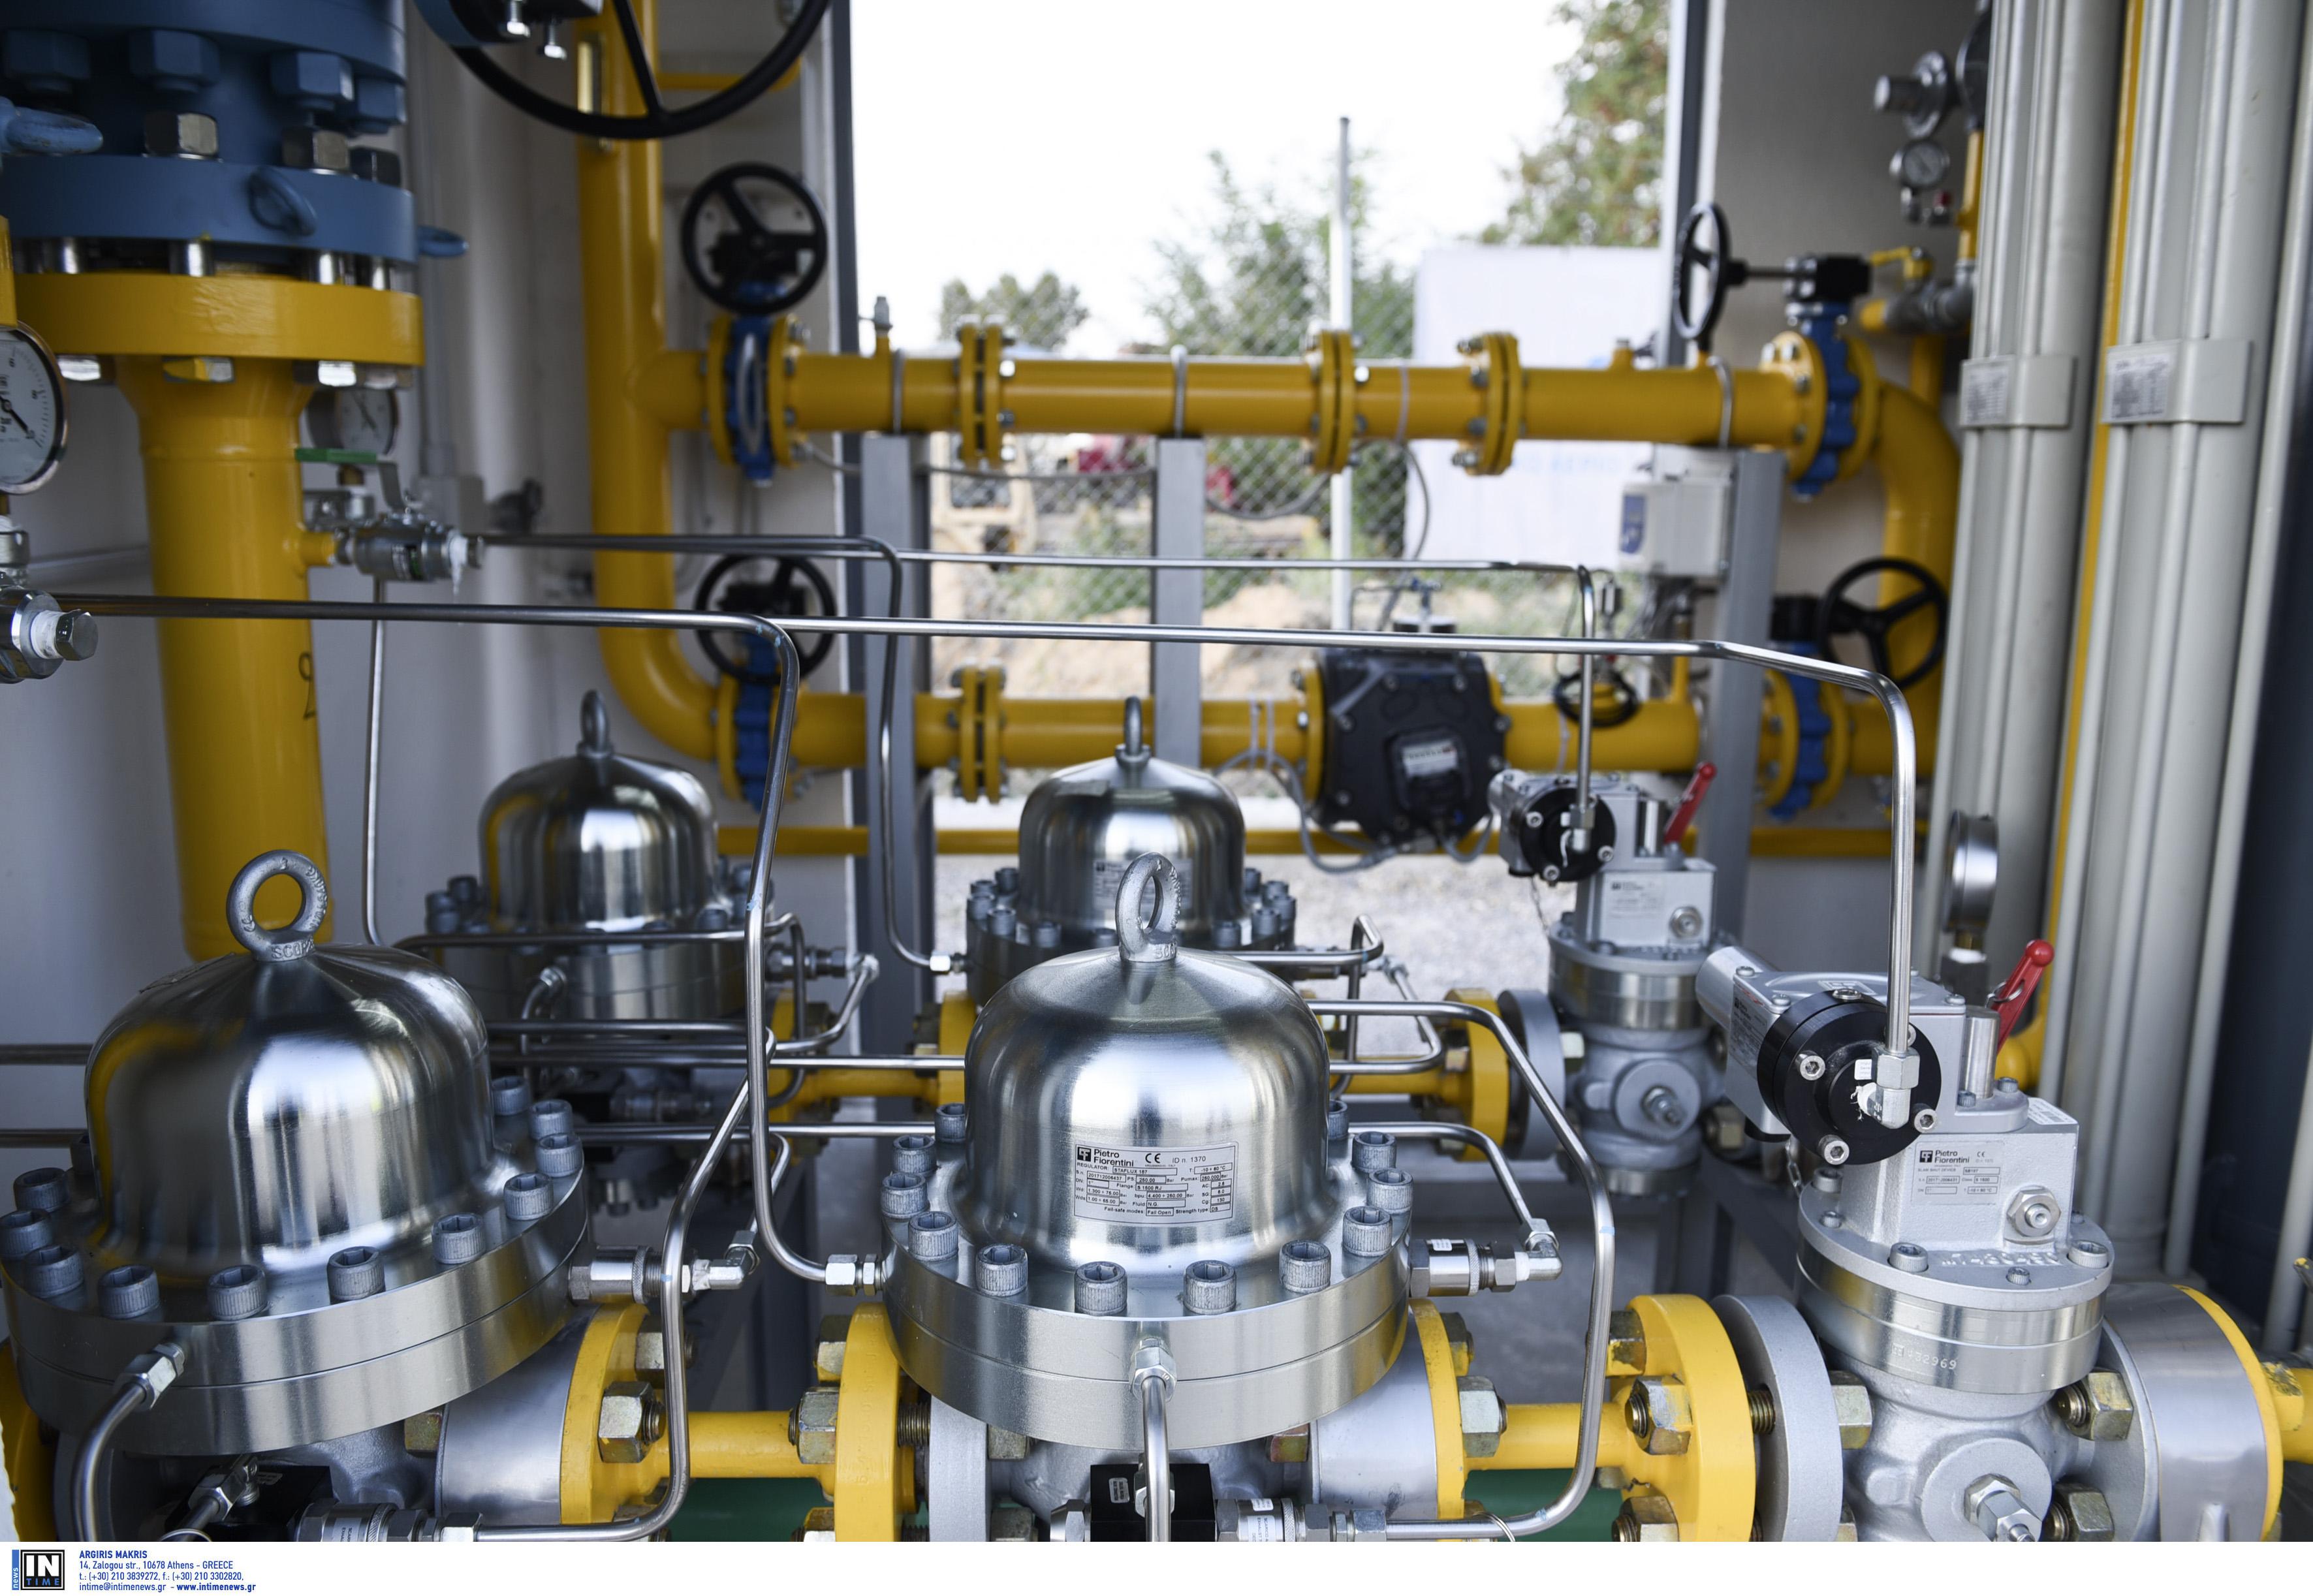 Φυσικό αέριο: Σε απόγνωση νοικοκυριά και επιχειρήσεις από τις αυξήσεις «φωτιά»